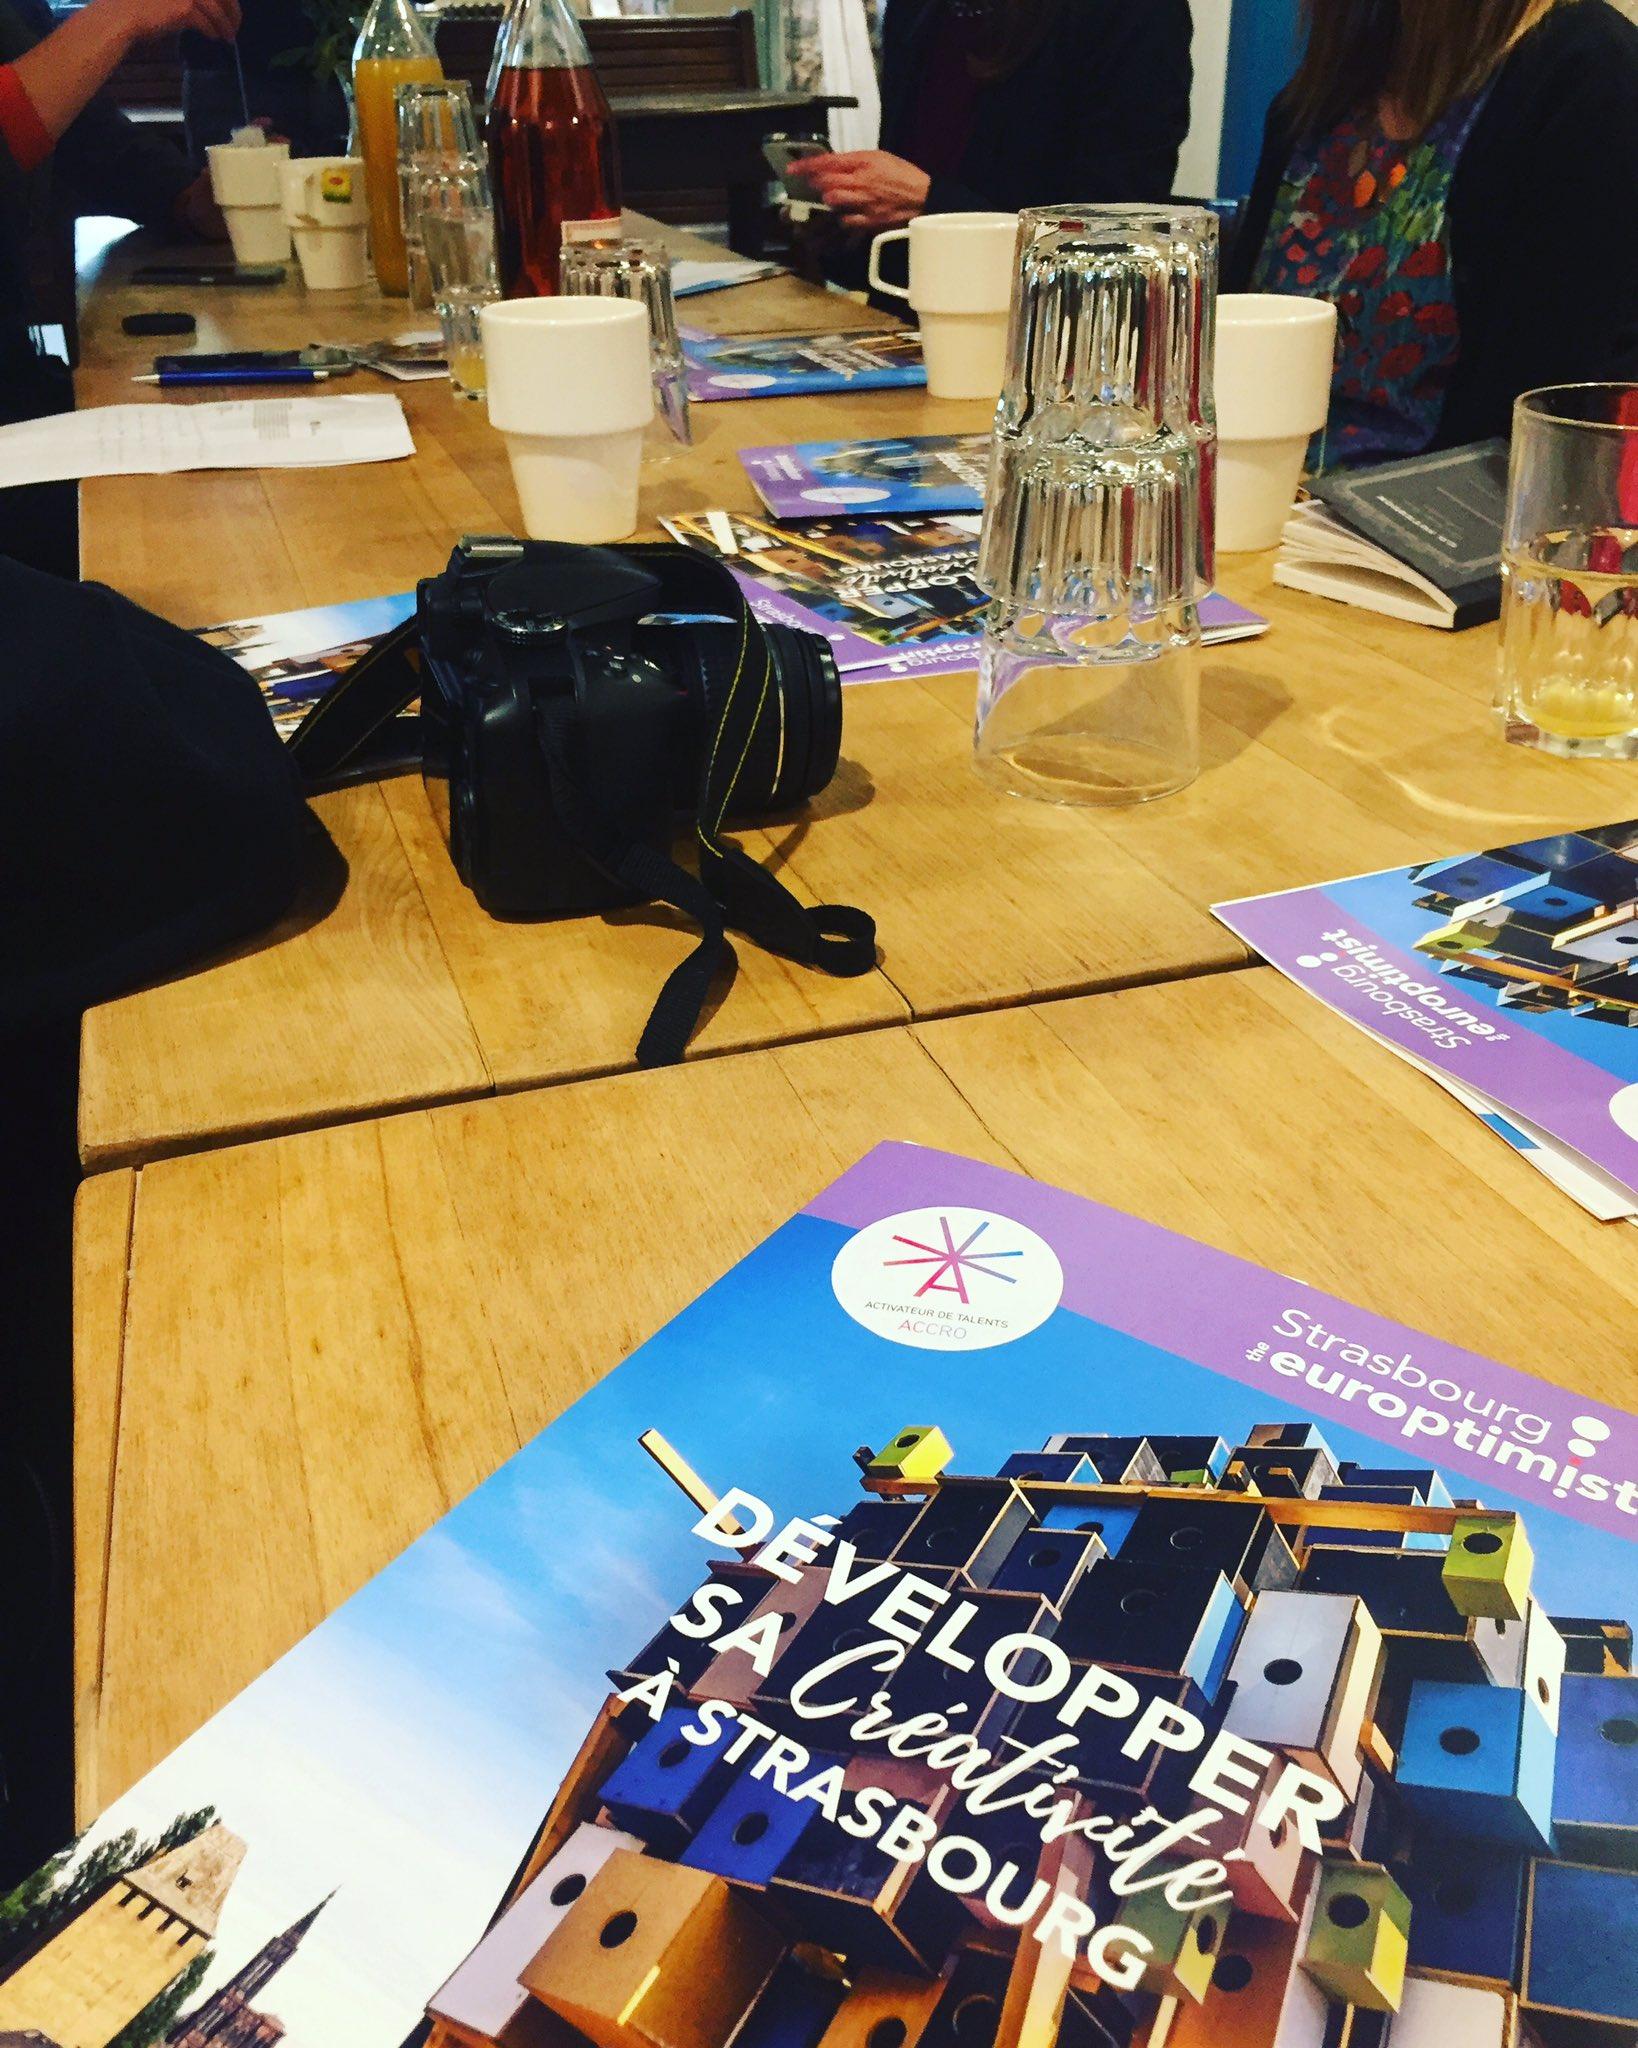 Journée à #Strasbourg, présentation de l'appel à projet #TangoScan, #économie créative, #numérique et #innovation en #GrandEst. https://t.co/scEtajNzXN